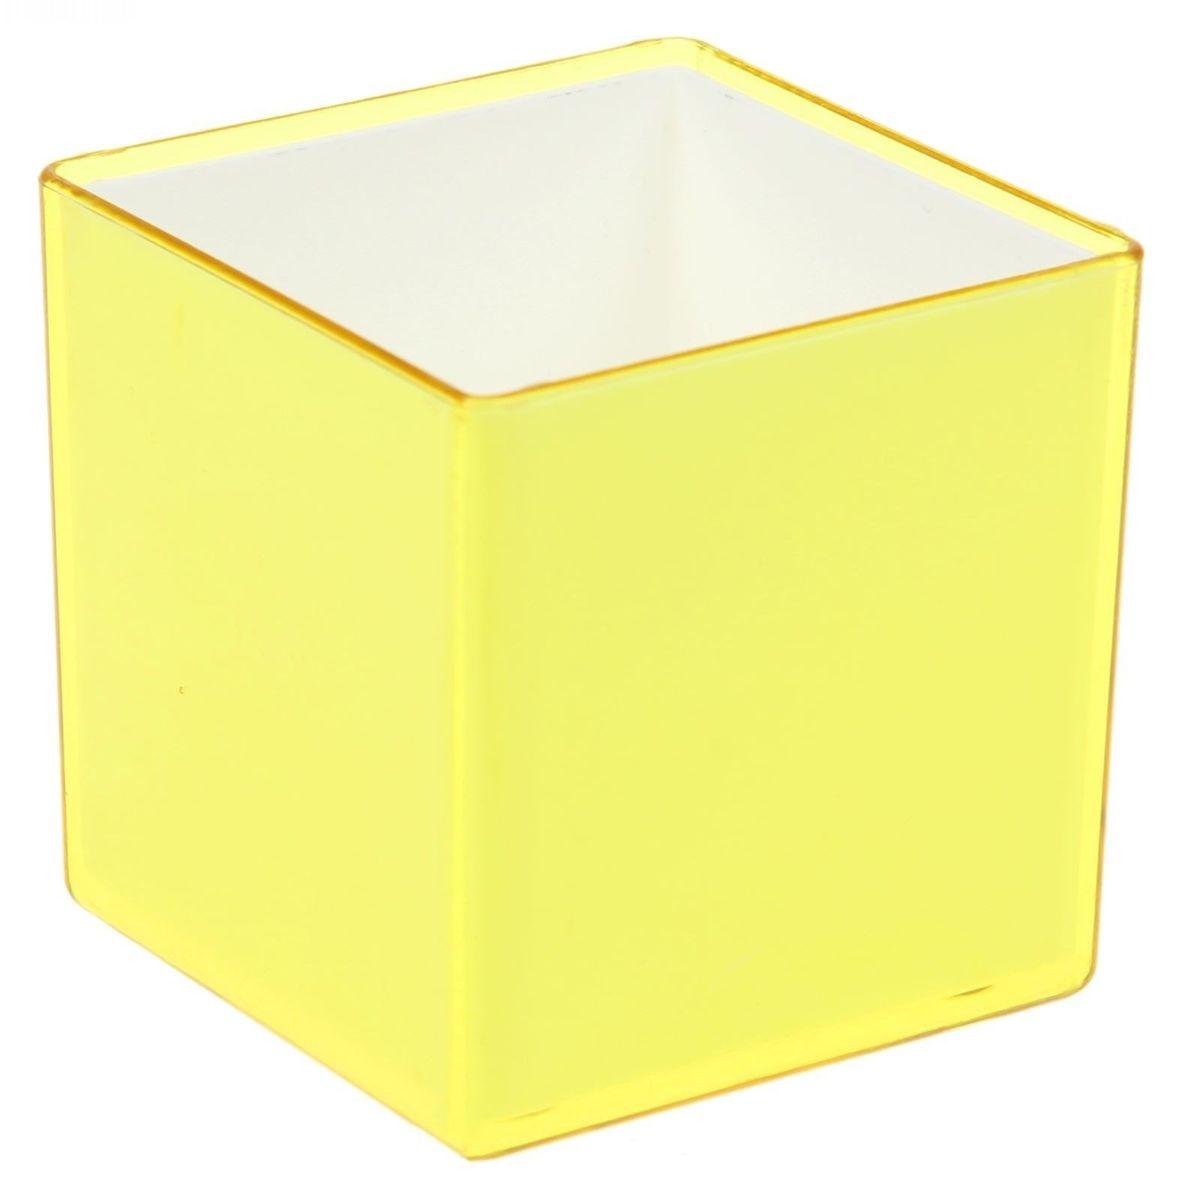 Кашпо JetPlast Мини куб, на магните, цвет: желтый, 6 x 6 x 6 см511-206Кашпо JetPlast Мини куб предназначено для украшения любого интерьера. Благодаря магнитной ленте, входящей в комплект, вы можете разместить его не только на подоконнике, столе или иной поверхности, а также на холодильнике и любой другой металлической поверхности, дополняя привычные вещи новыми дизайнерскими решениями. Кашпо можно использовать не только под цветы, но и как подставку для ручек, карандашей и прочих канцелярских мелочей. Размеры кашпо: 6 х 6 х 6 см.